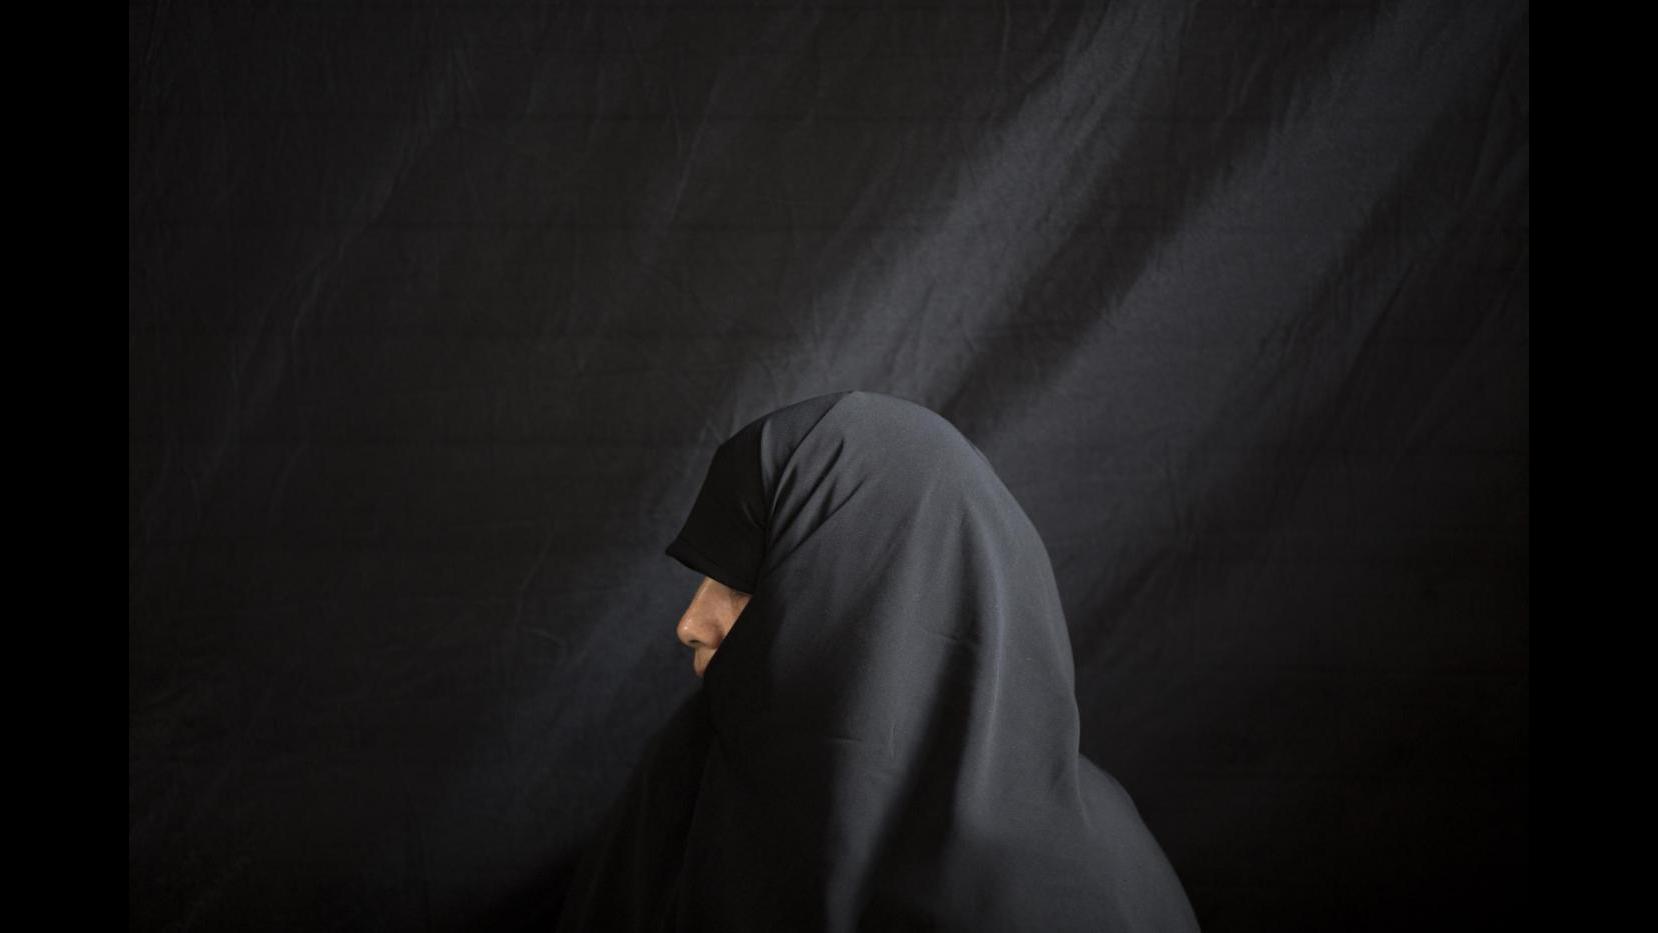 Arabia Saudita, la moglie non sa cucinare: lui la riporta dai genitori